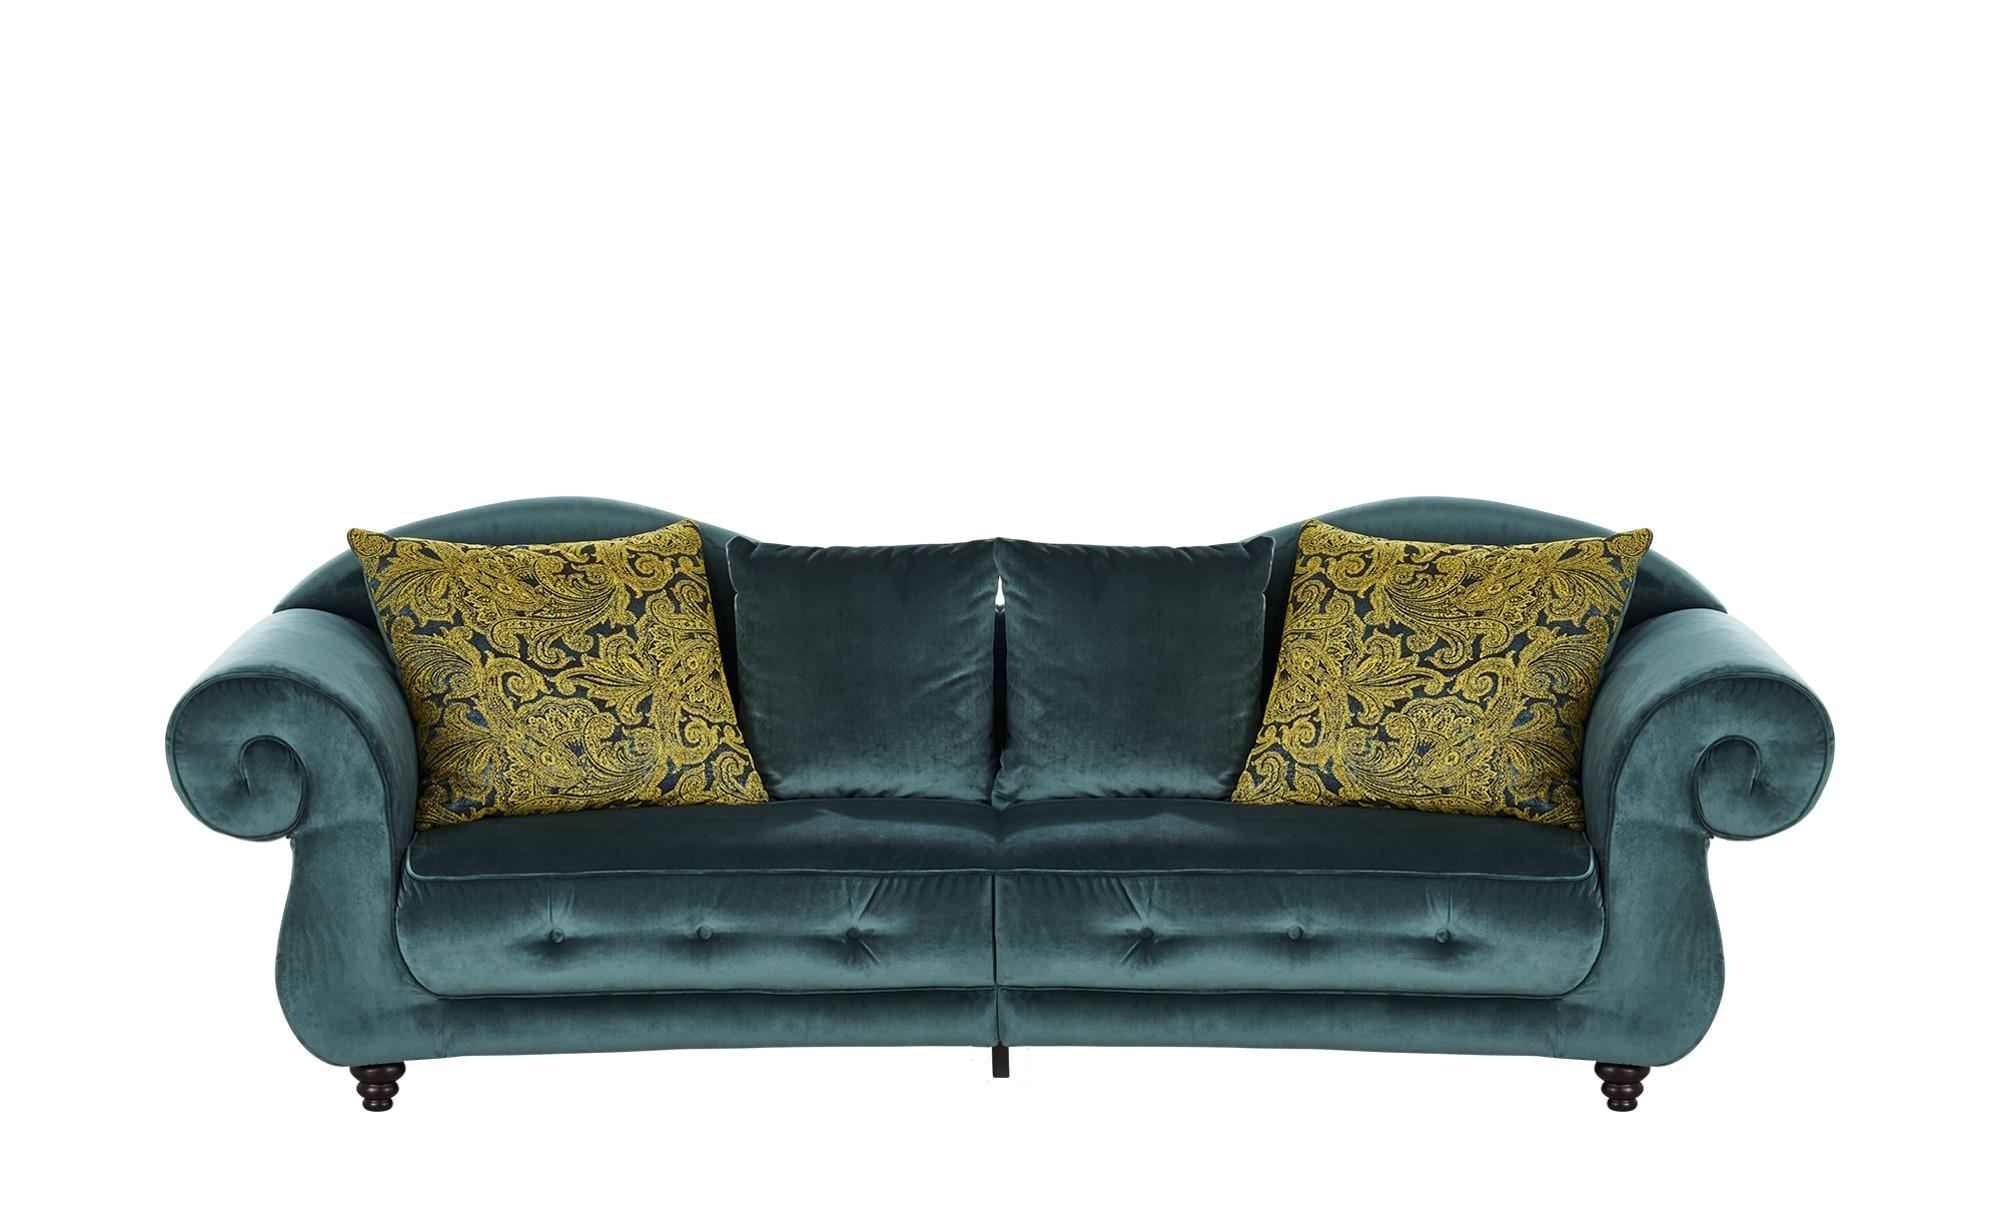 Design Big Sofa petrol - Mikrofaser Nobody ¦ türkis/petrol ¦ Maße (cm): B: 288 H: 98 T: 110 Polstermöbel > Sofas > Big-Sofas - Höffner